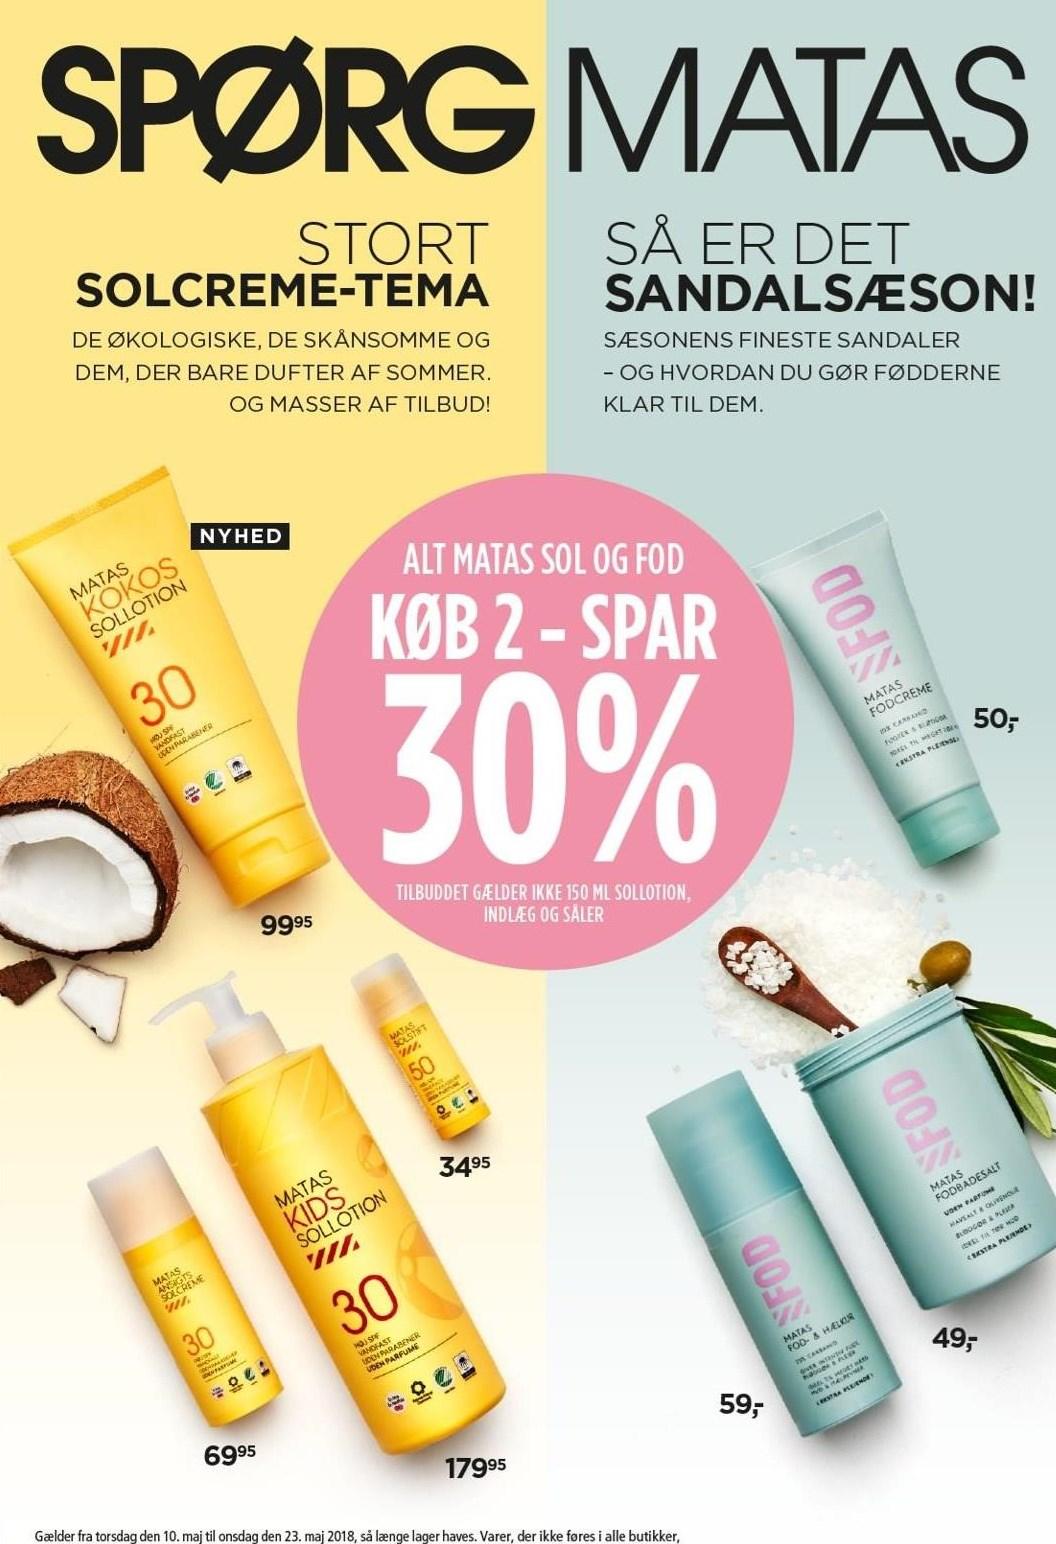 Solpleje - Køb 2 og spar 30%